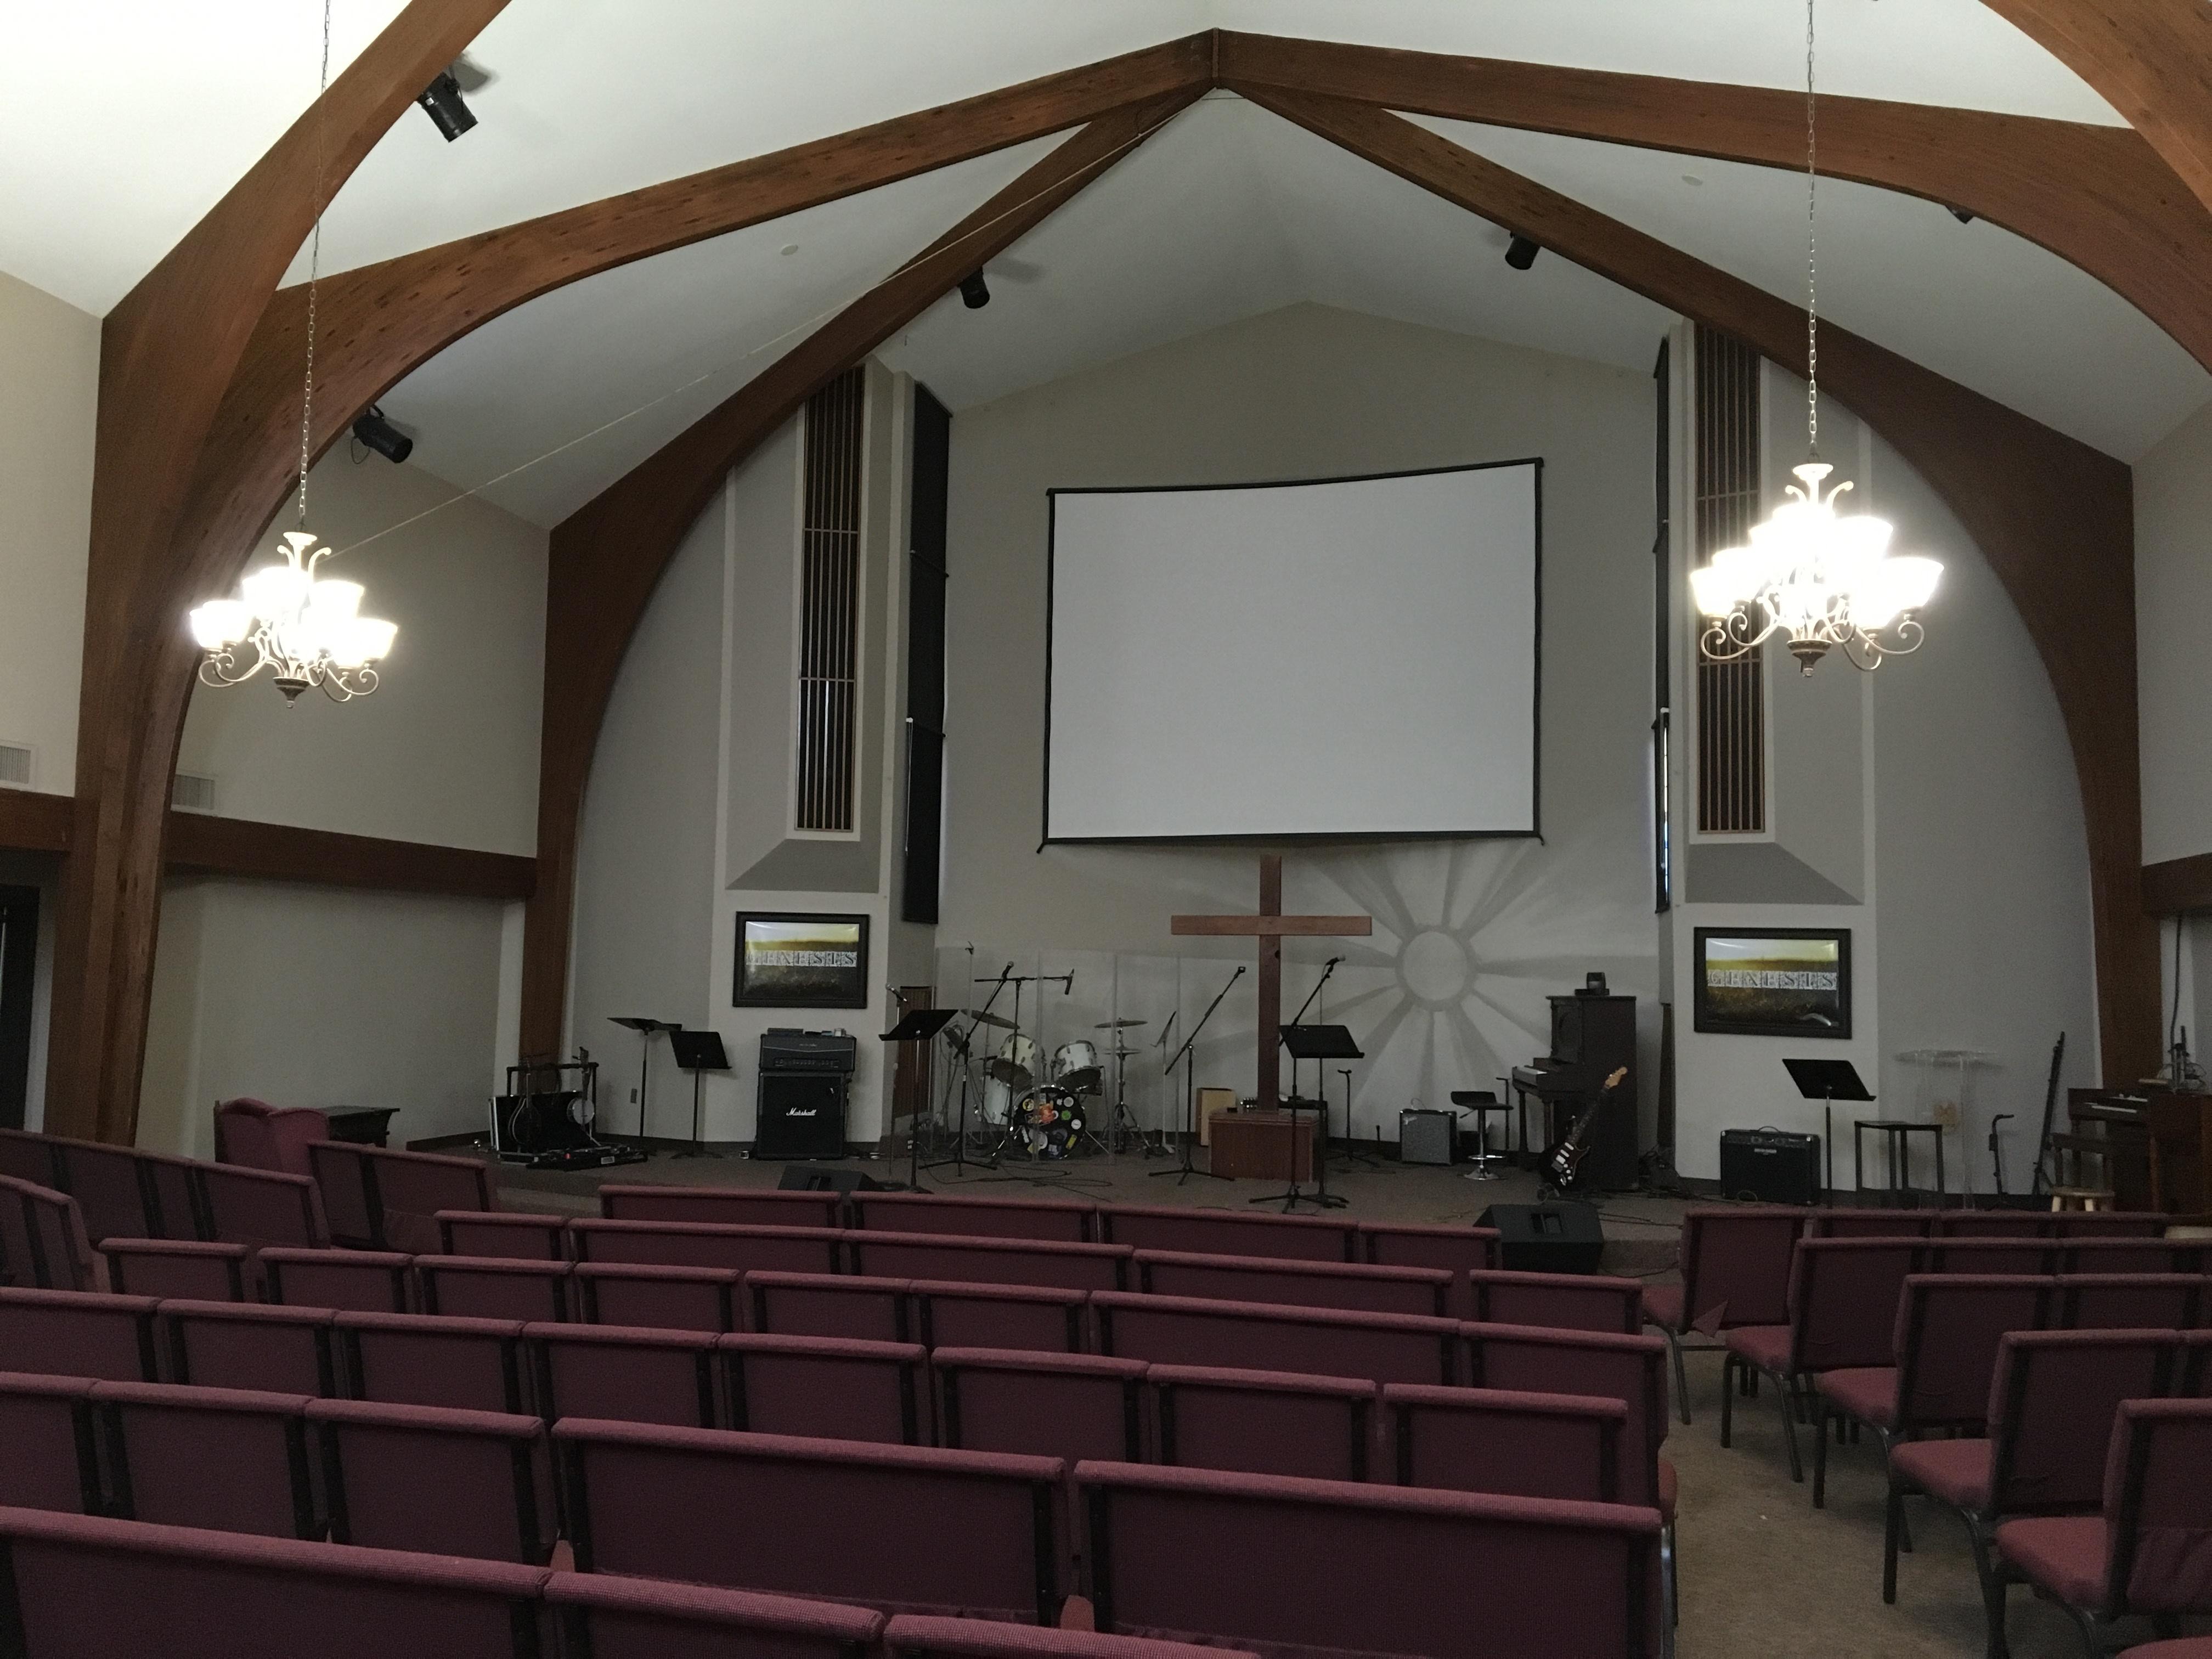 Sunrise_Church_Sanctuary.jpg